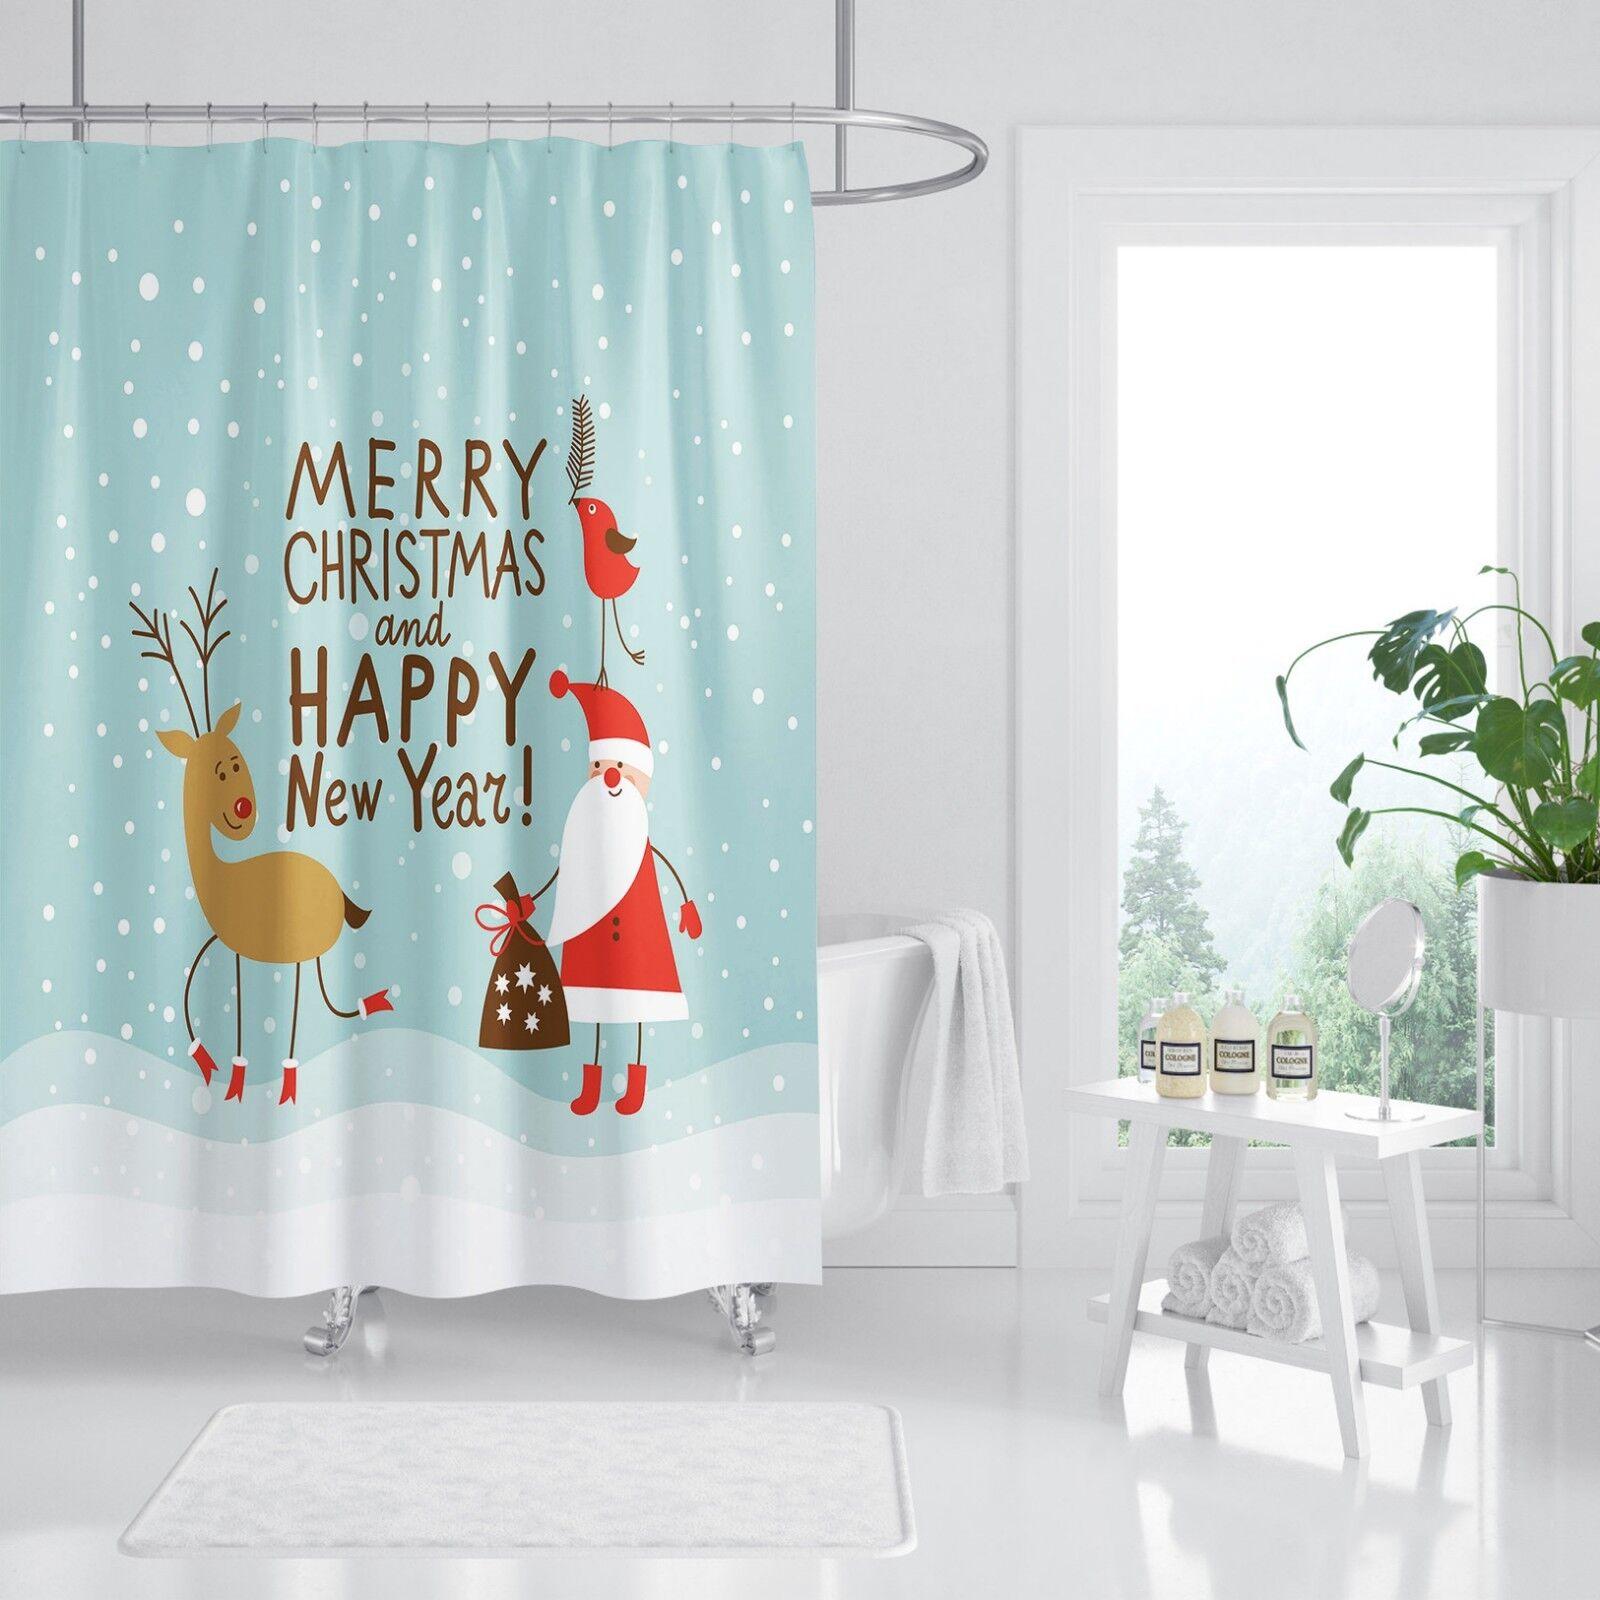 3D Weihnachtsmann Weihnachtsmann Weihnachtsmann 8 Duschvorhang Wasserdicht Faser Bad Daheim Windows Toilette | Deutschland Frankfurt  | Trendy  e4104d